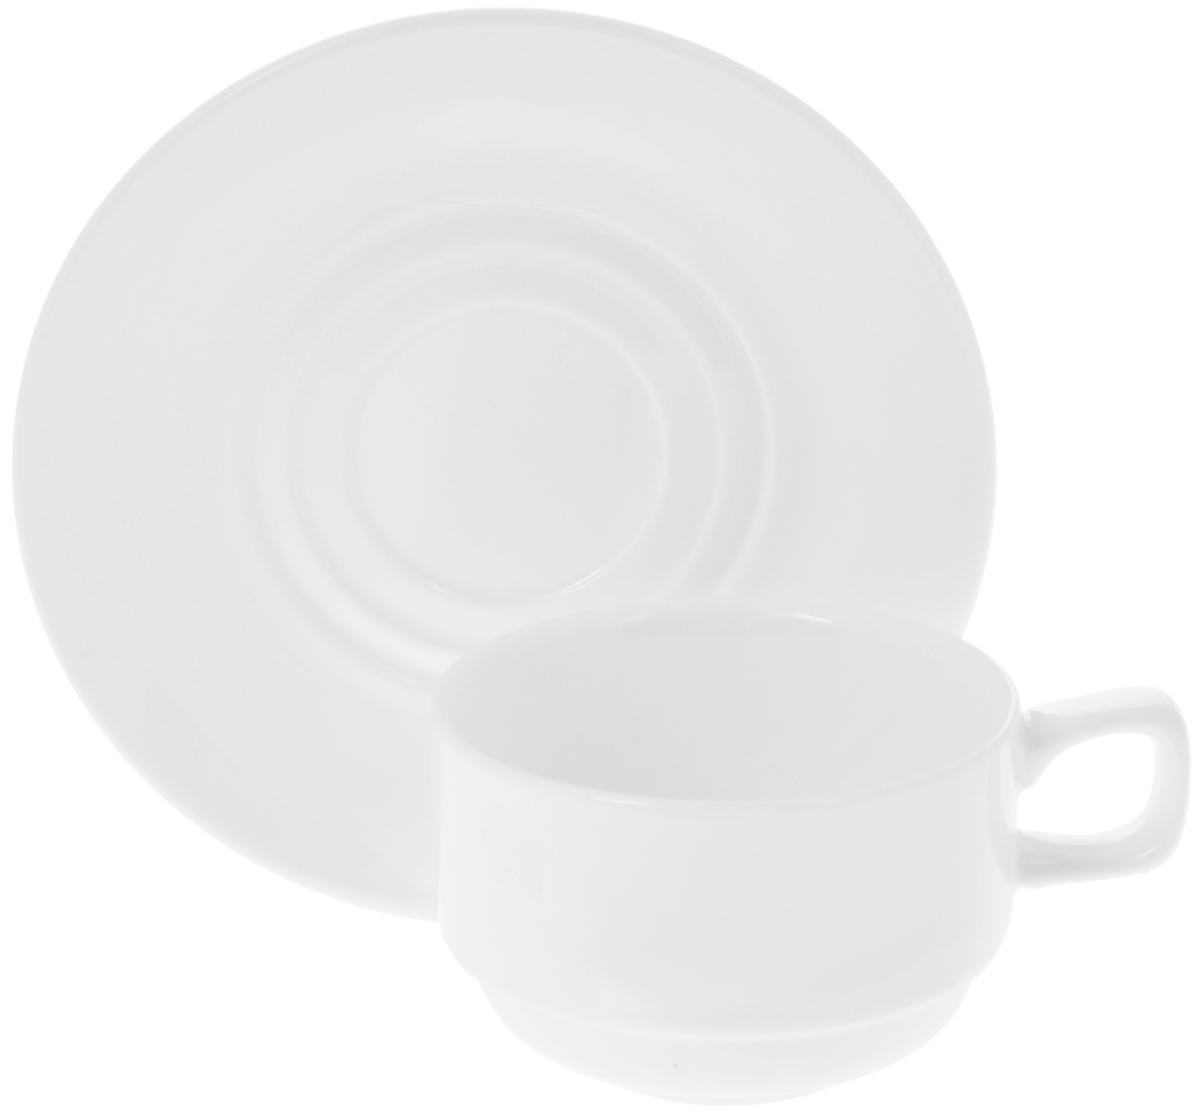 Чайная пара Wilmax, 2 предмета. WL-993008 / AB54 009312Чайная пара Wilmax состоит из чашки и блюдца, выполненных из высококачественного фарфора и оформленных в классическом стиле. Оригинальный дизайн, несомненно, придется вам по вкусу. Чайная пара Wilmax украсит ваш кухонный стол, а также станет замечательным подарком к любому празднику.Объем чашки: 220 мл.Диаметр чашки (по верхнему краю): 8,5 см.Диаметр дна чашки: 4,5 см.Высота чашки: 5,5 см.Диаметр блюдца: 15 см.